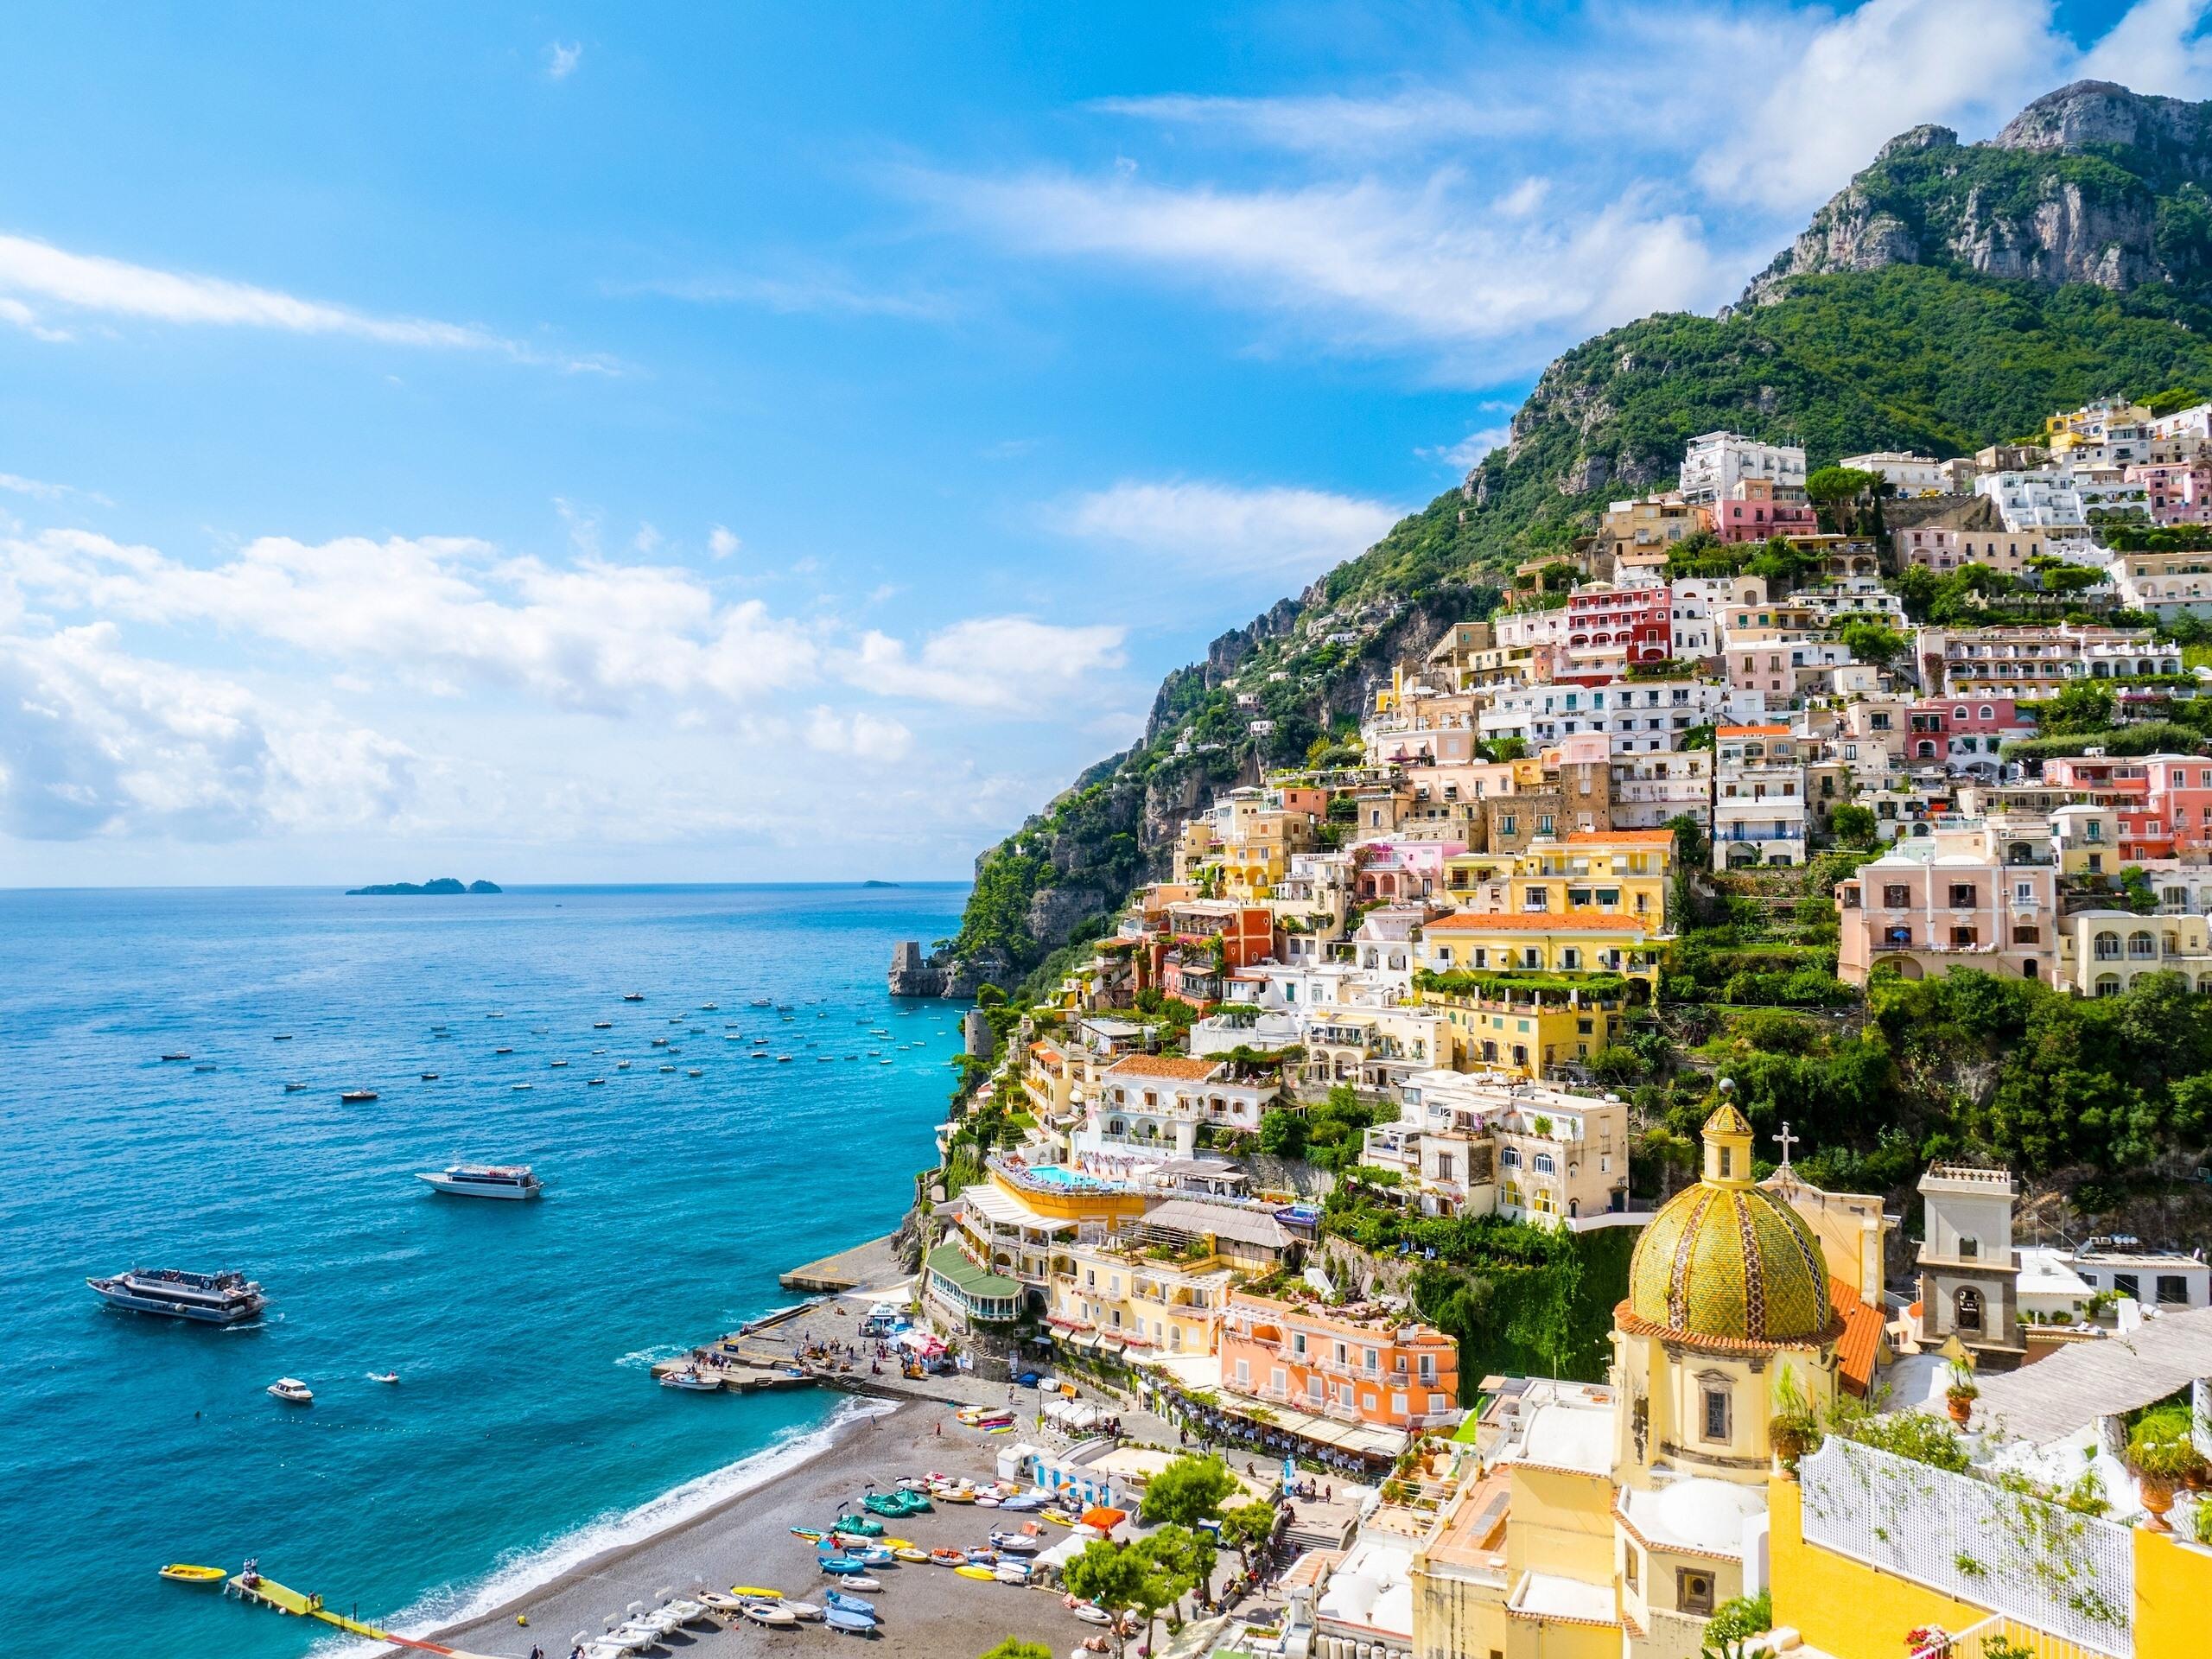 италия картинки море там